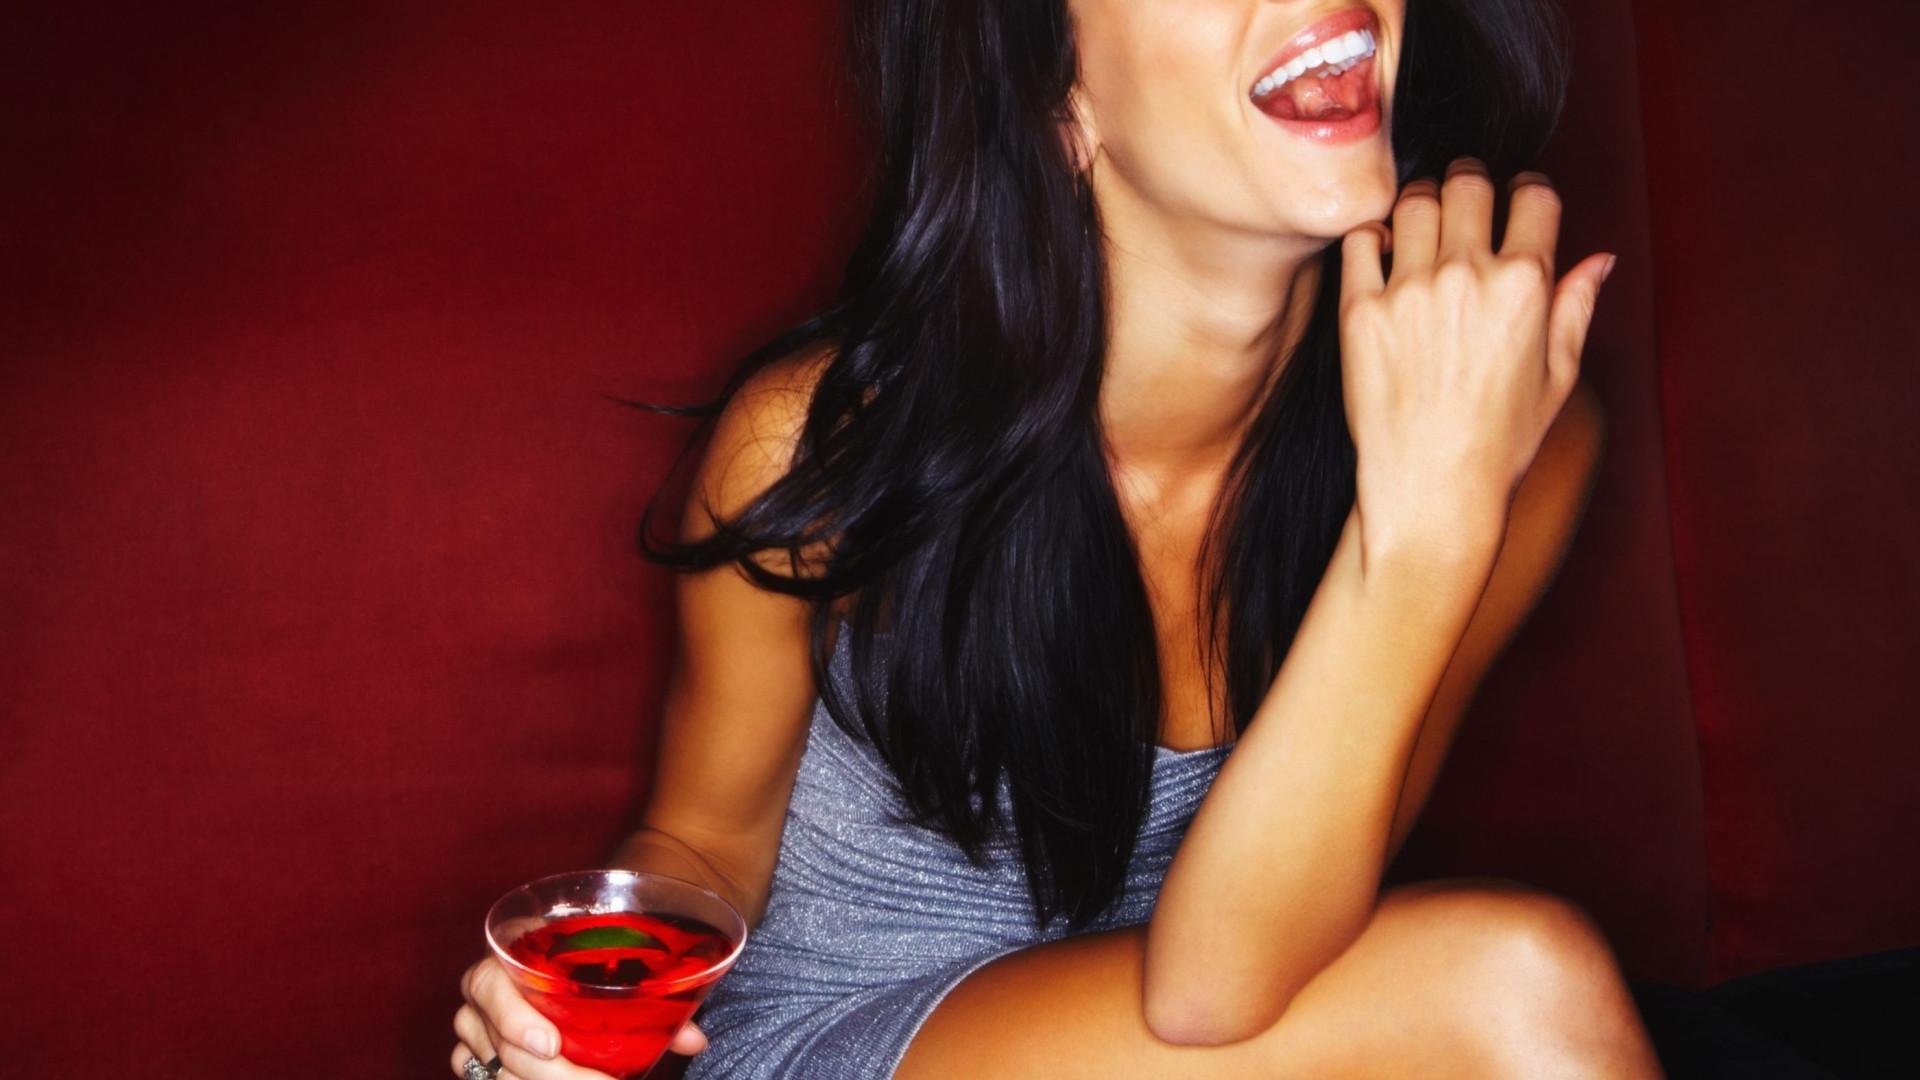 Beber moderadamente faz bem? Quatro mitos sobre o consumo de álcool